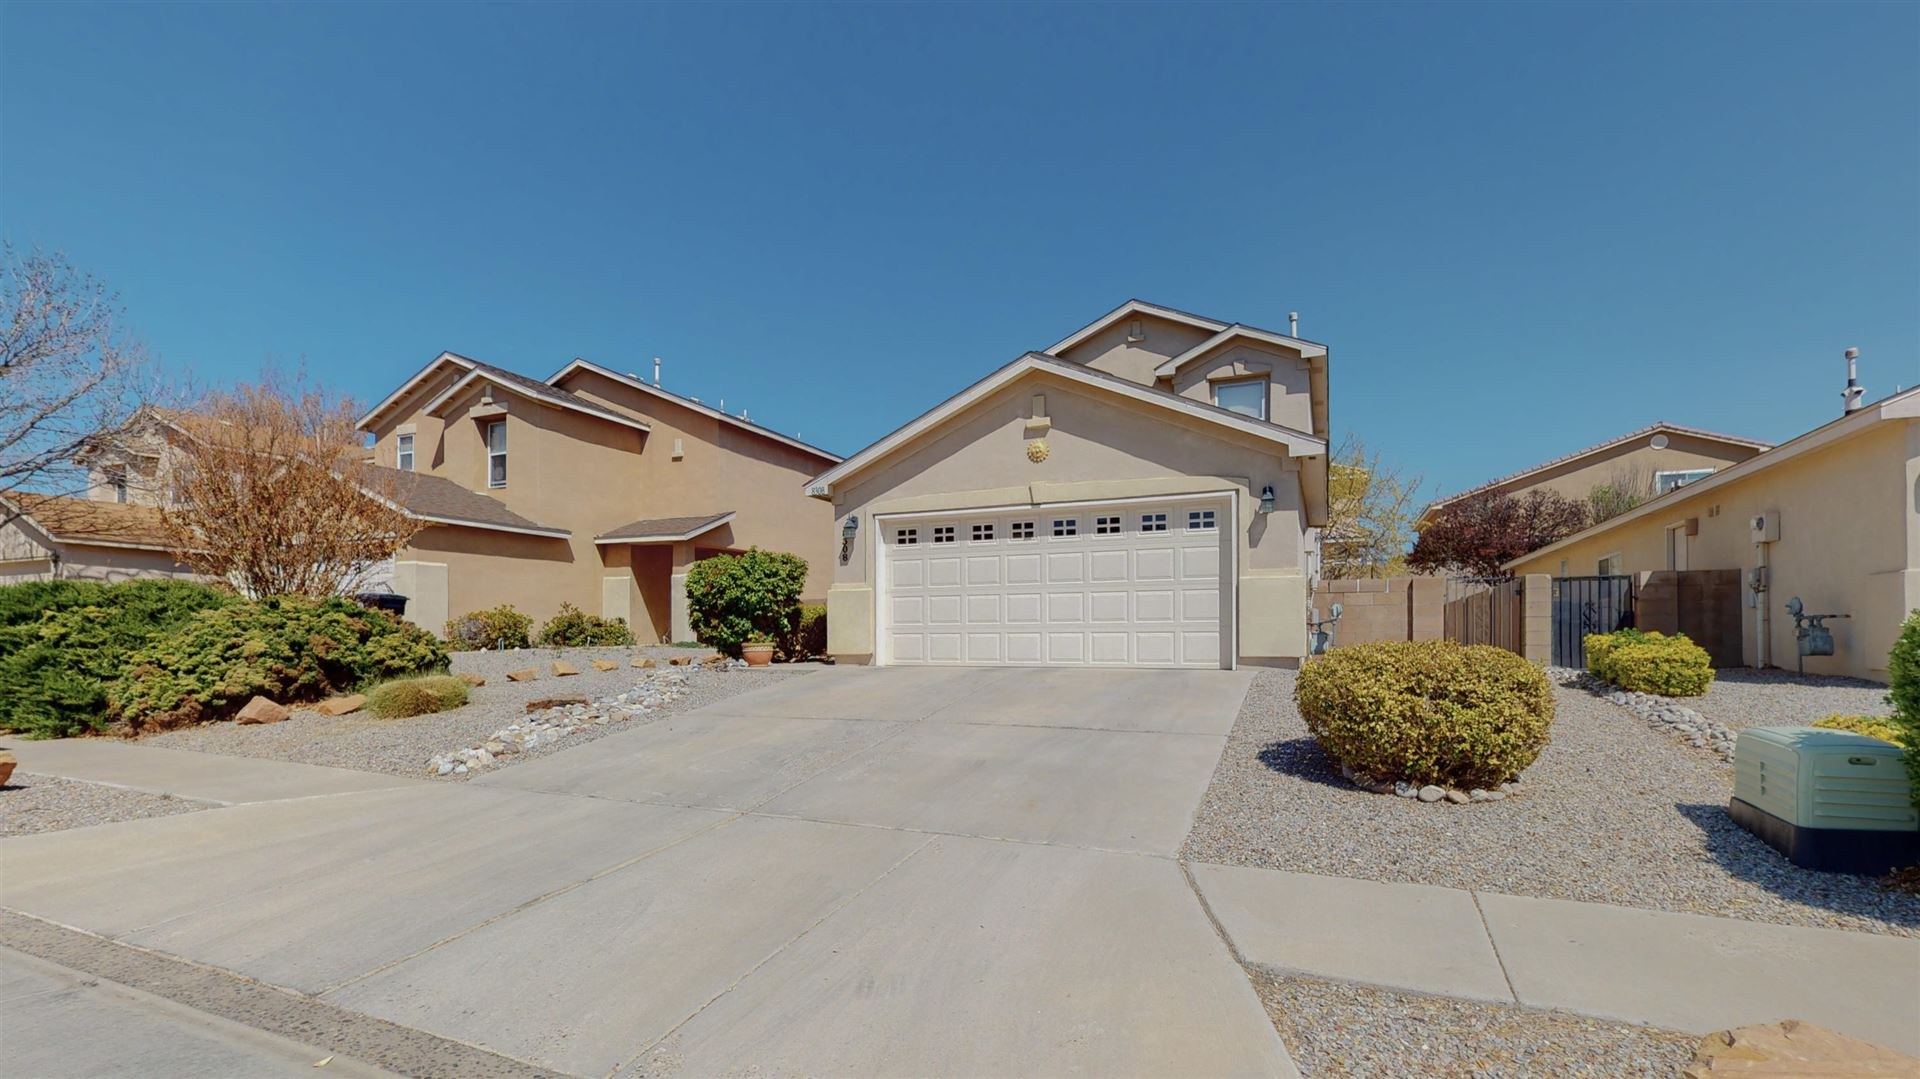 Photo of 8308 SANTA CLARITA Street NE, Albuquerque, NM 87113 (MLS # 989919)